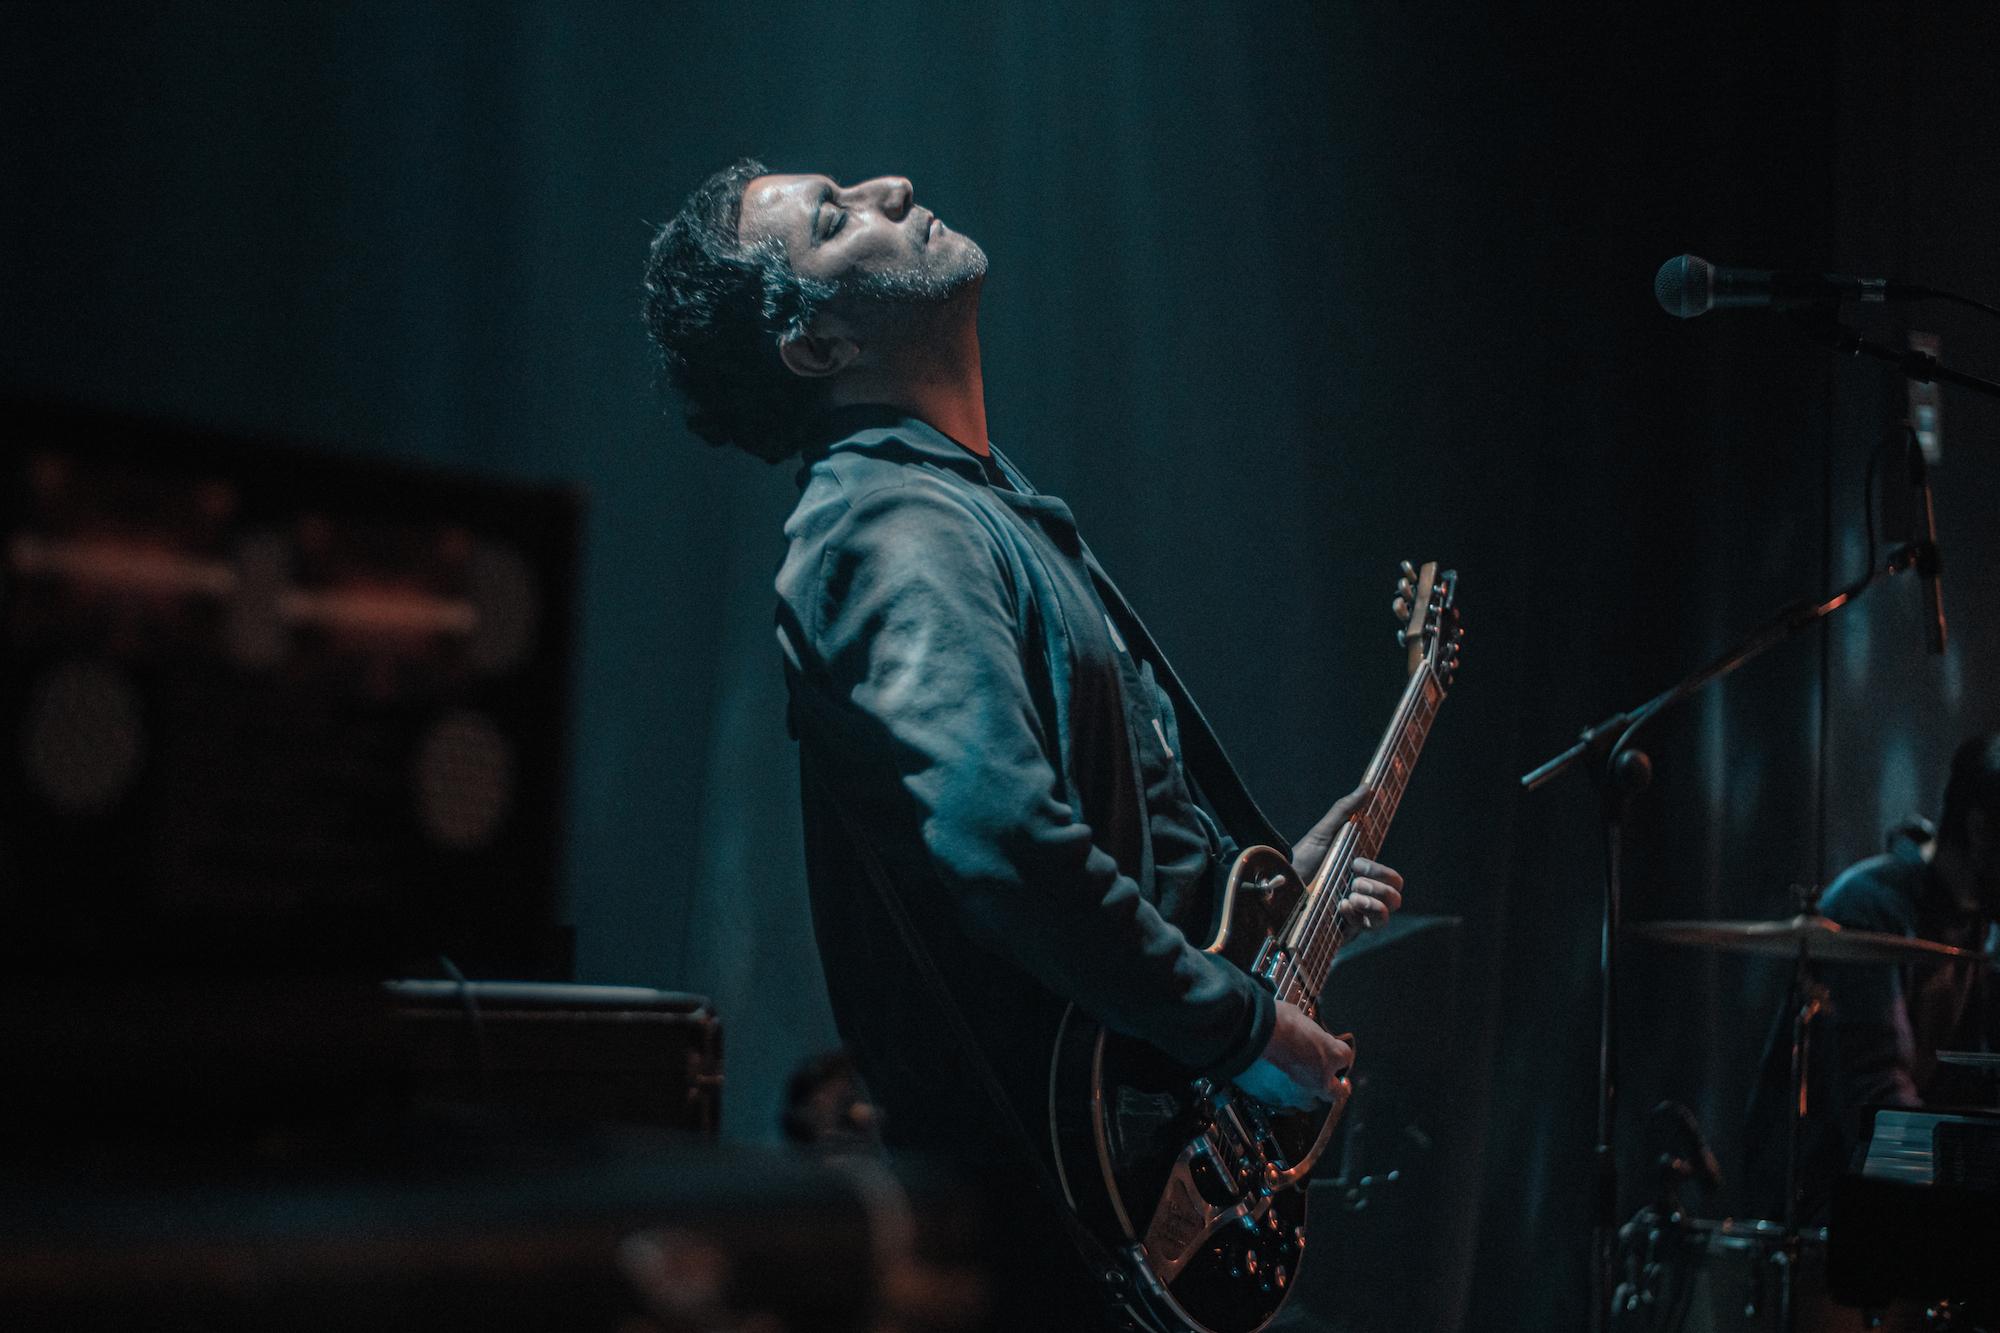 LeRockPsicophonique anuncia el segundo adelanto de La Piedad de los Paisajes, el próximo álbum de Inverness